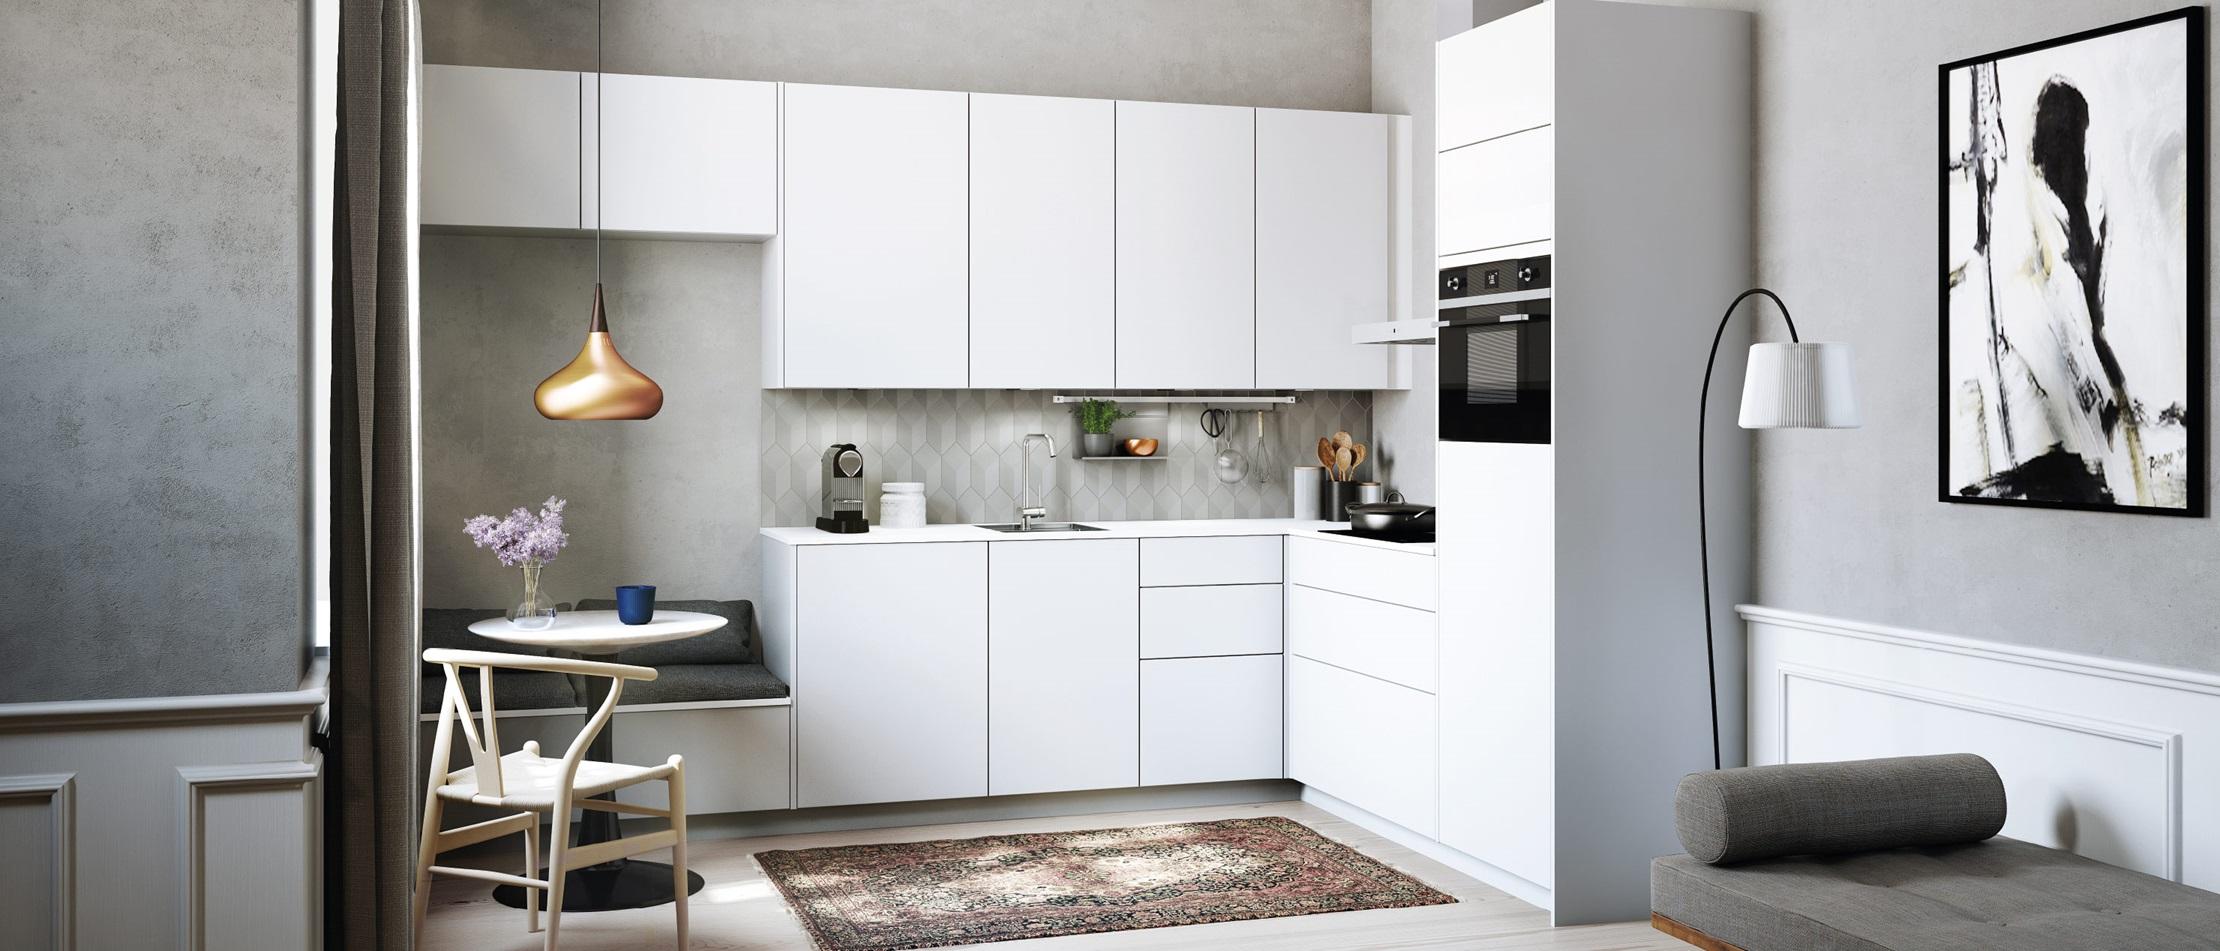 las cocinas en 2019